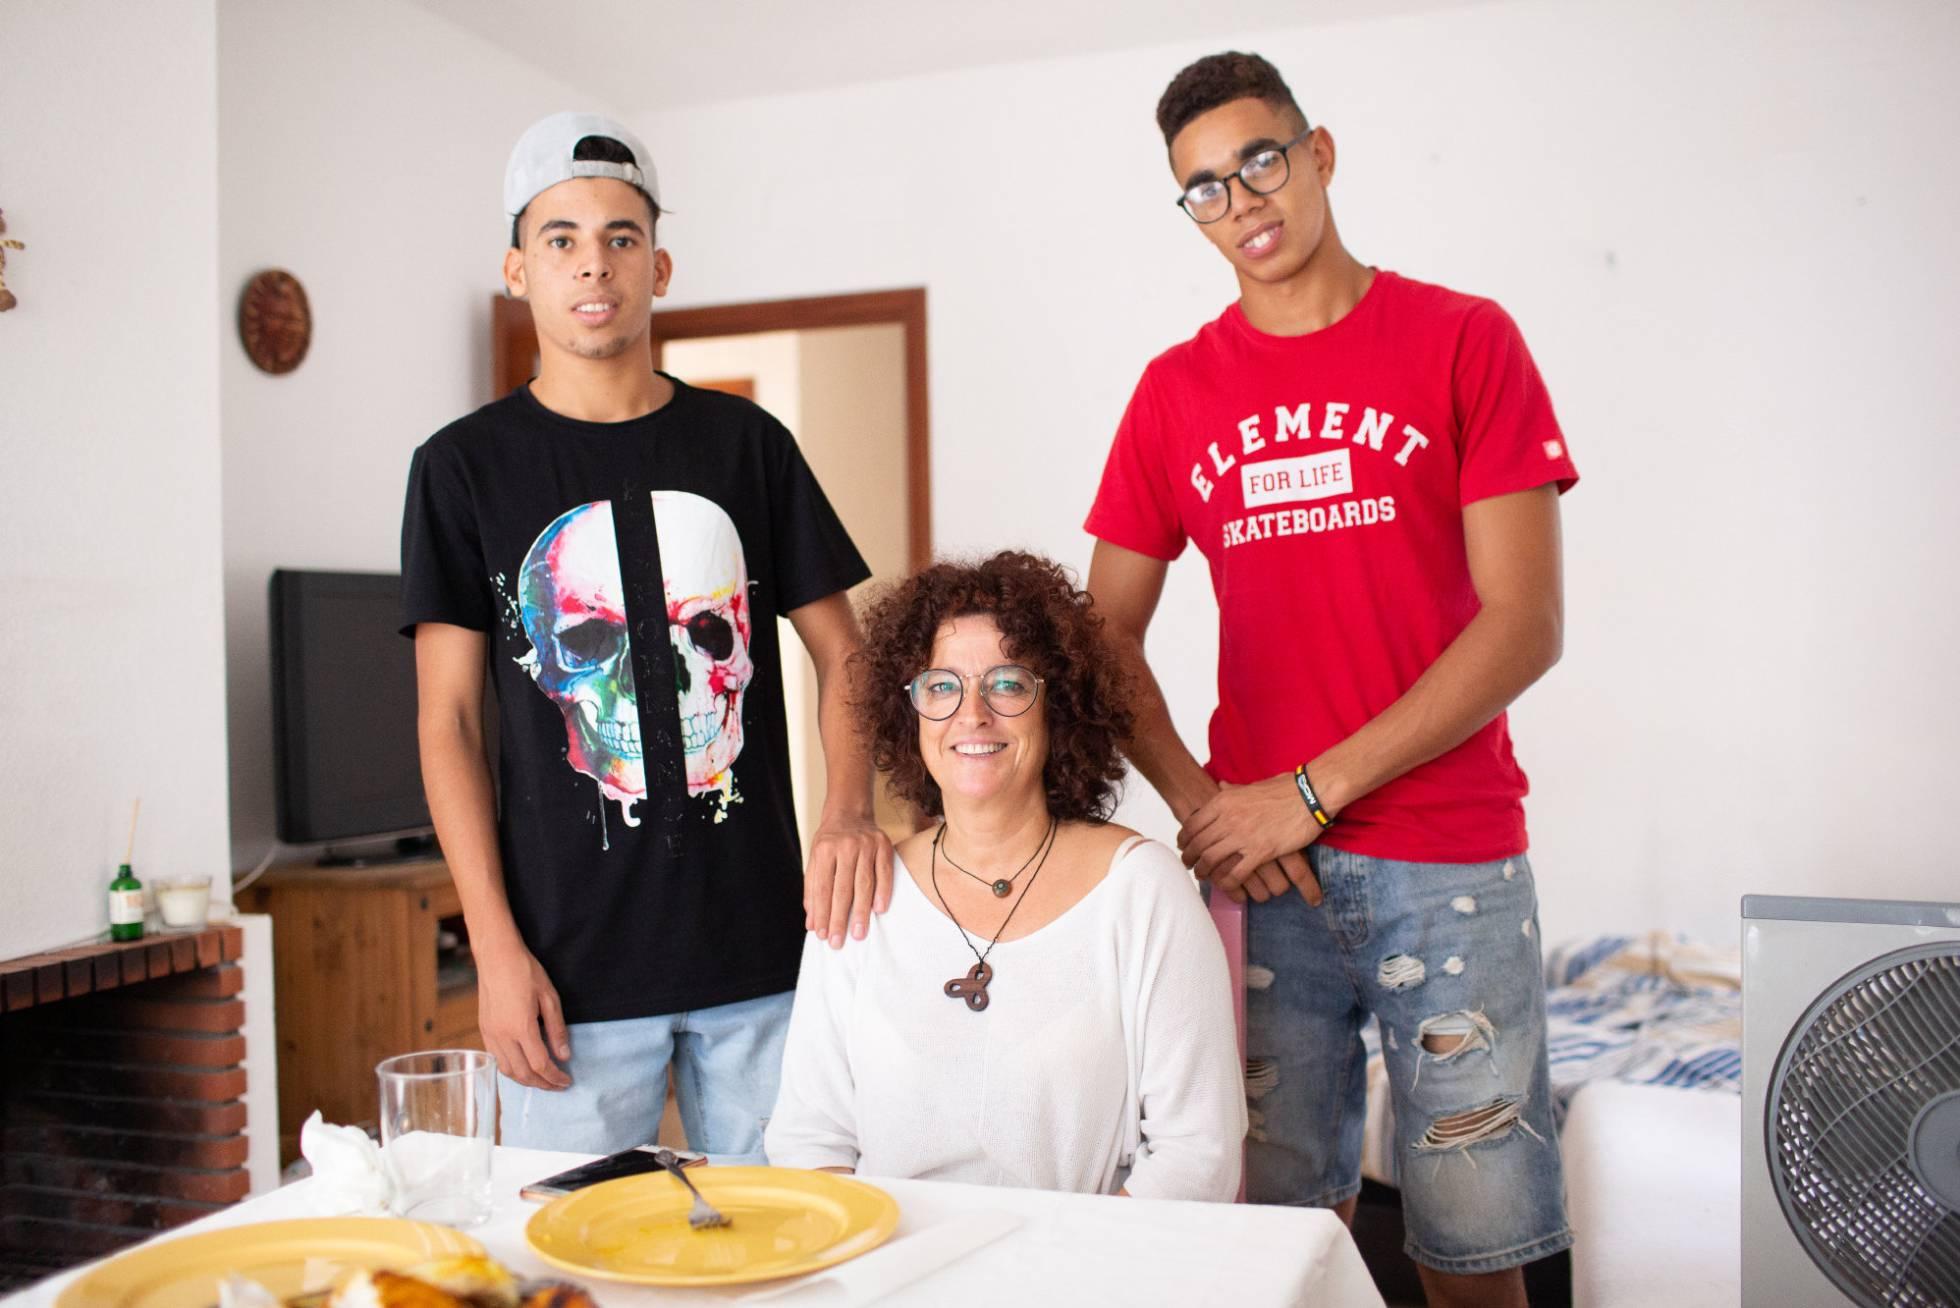 Жители Андалусии приглашают молодых мигрантов, оставшихся на улице, в свои дома